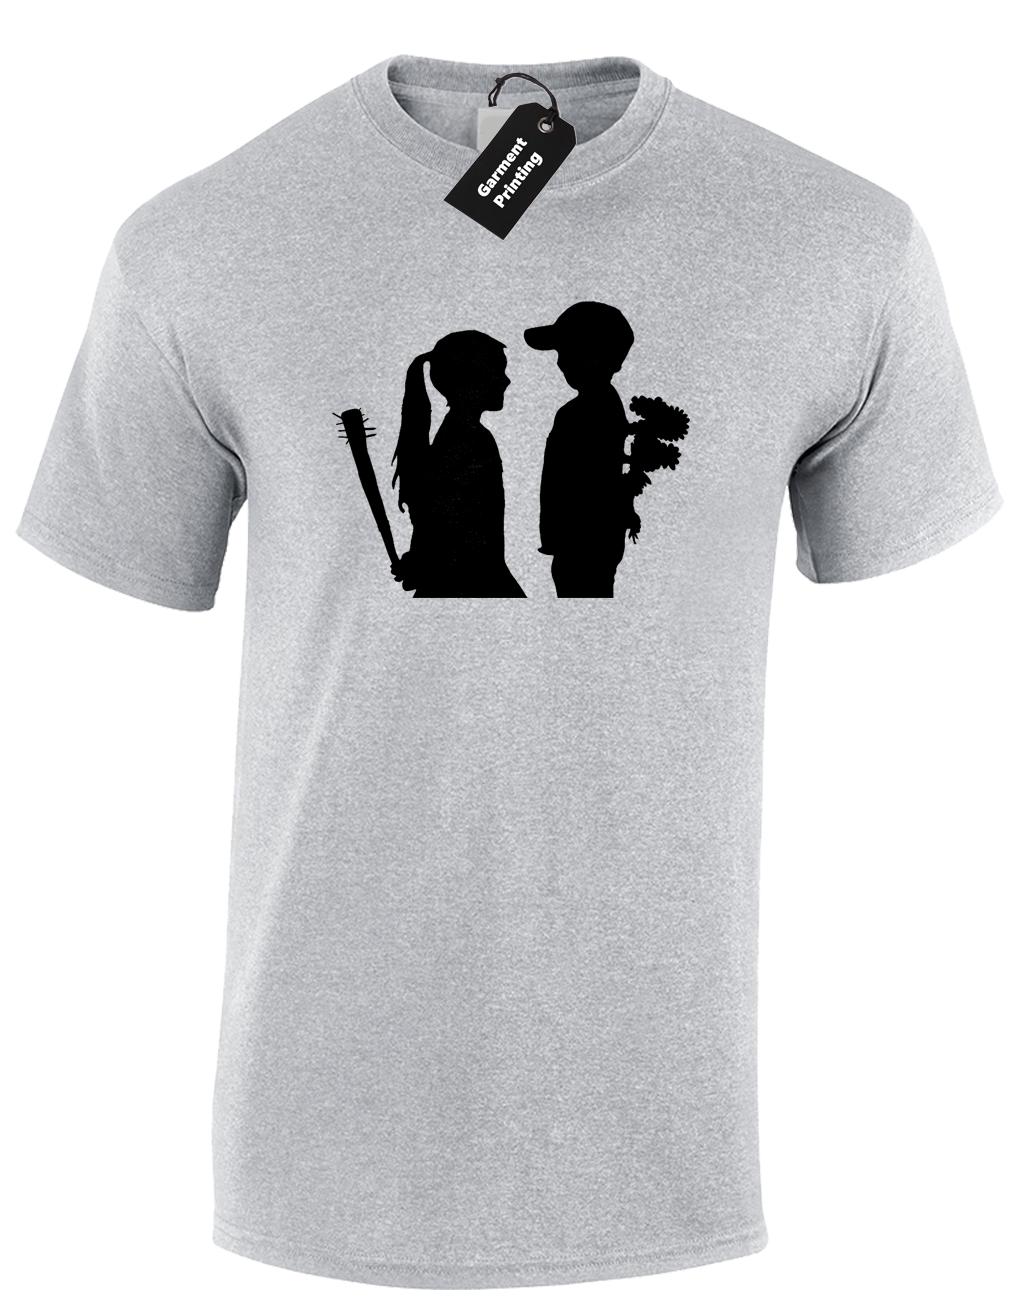 I Love Life Tumblr Blogger Instagram T-shirt Vest Tank Top Men Women Unisex 1266